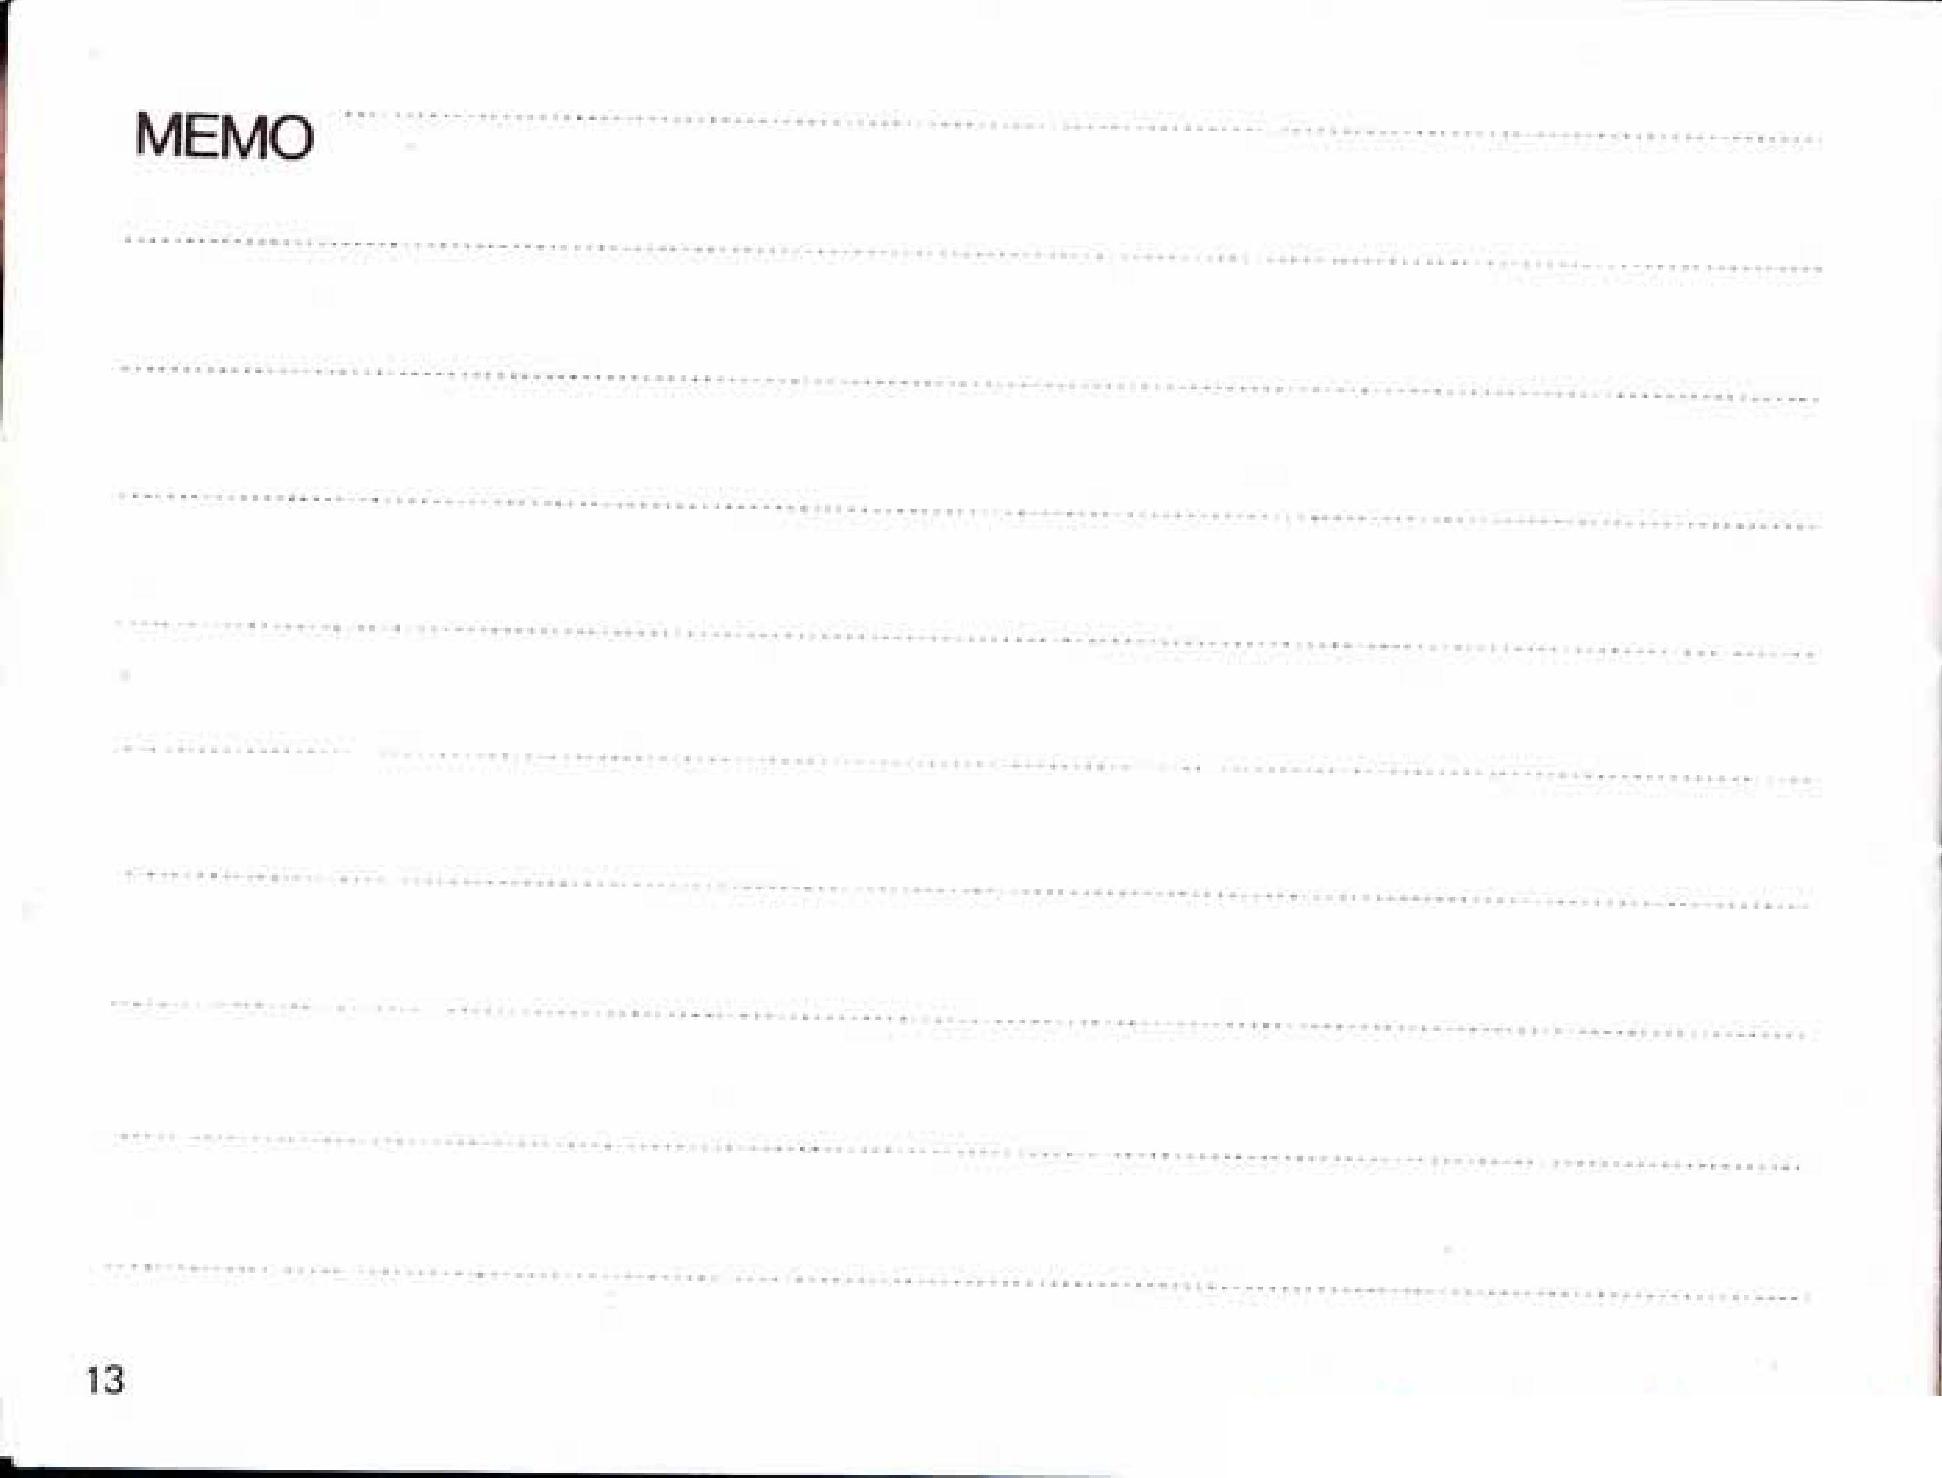 PNG Memo - 44707